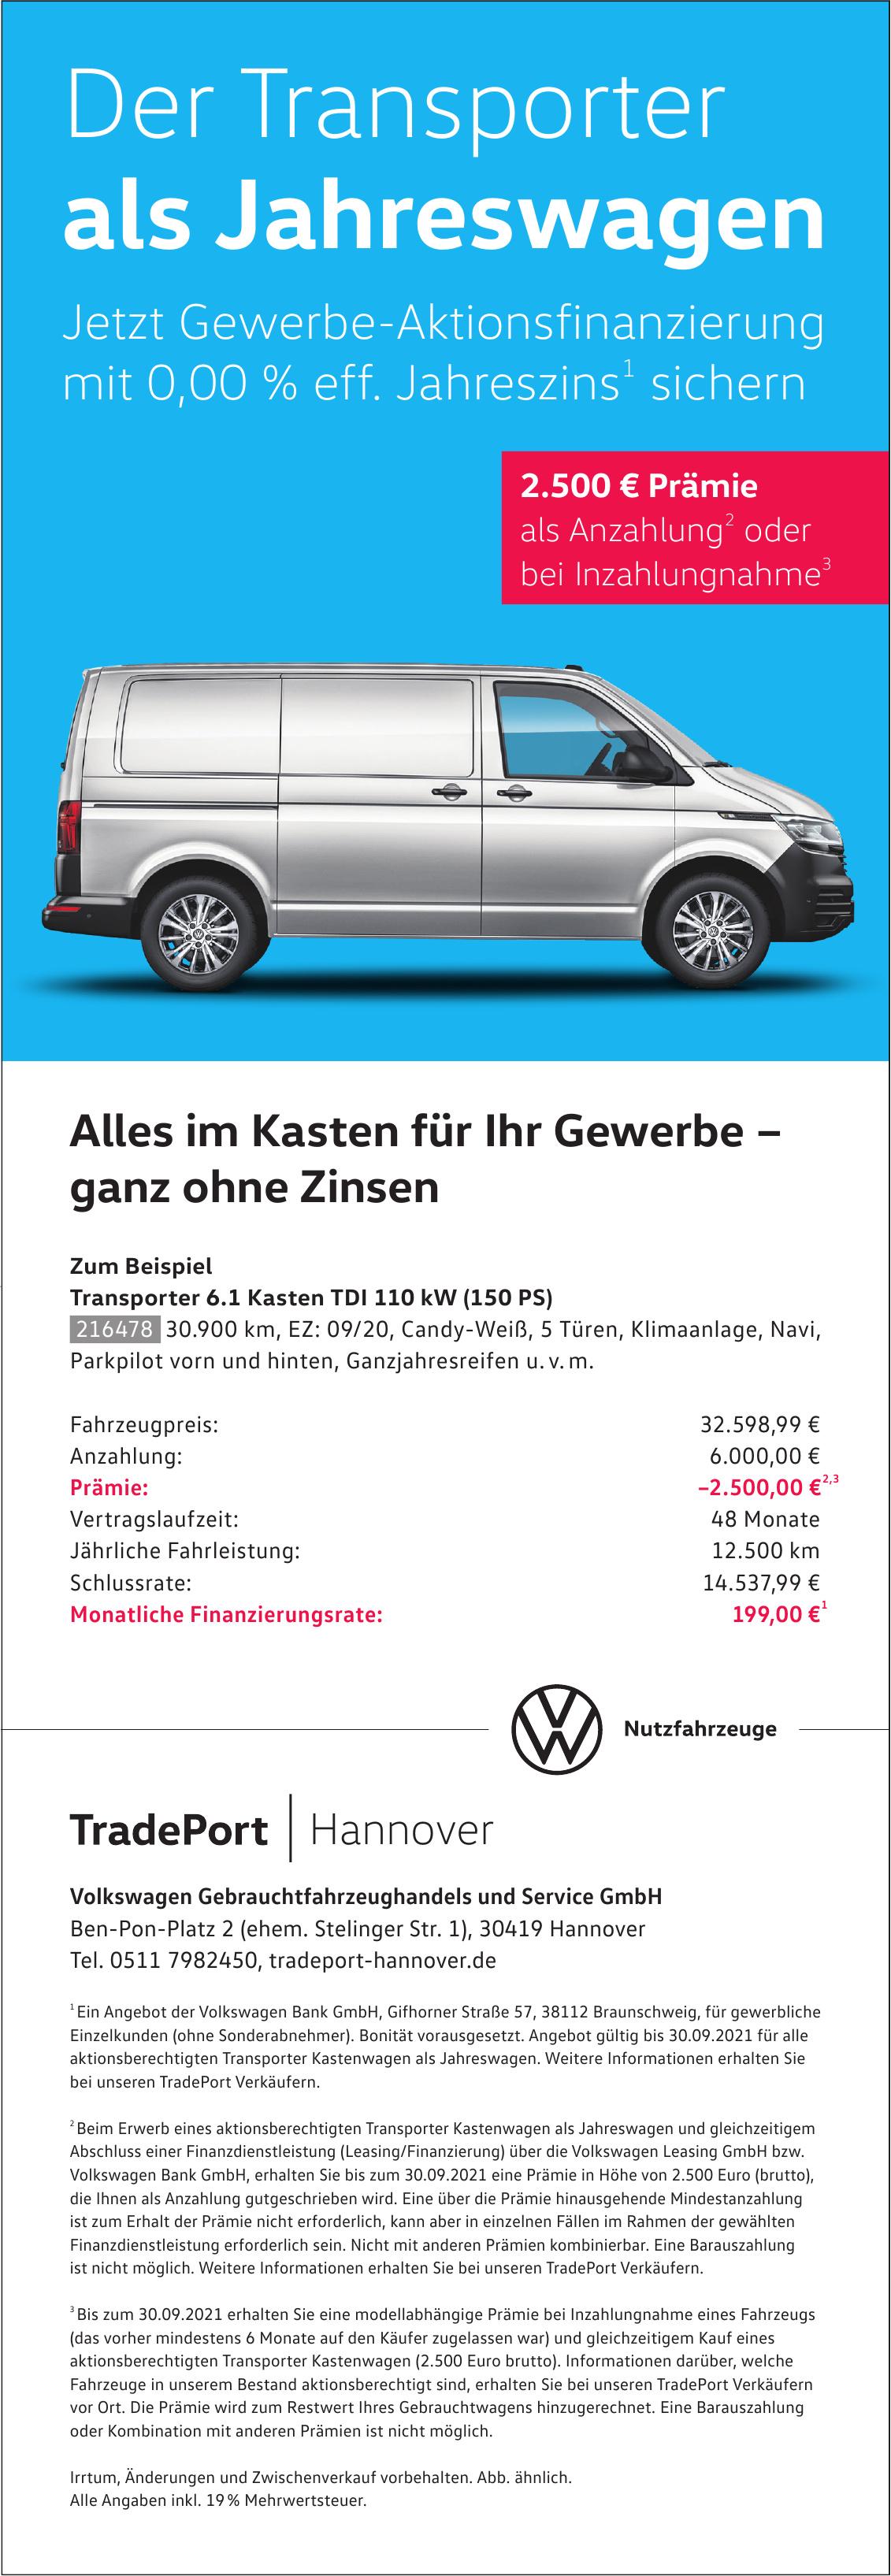 TradePort | Hannover - Volkswagen Gebrauchtfahrzeughandels und Service GmbH